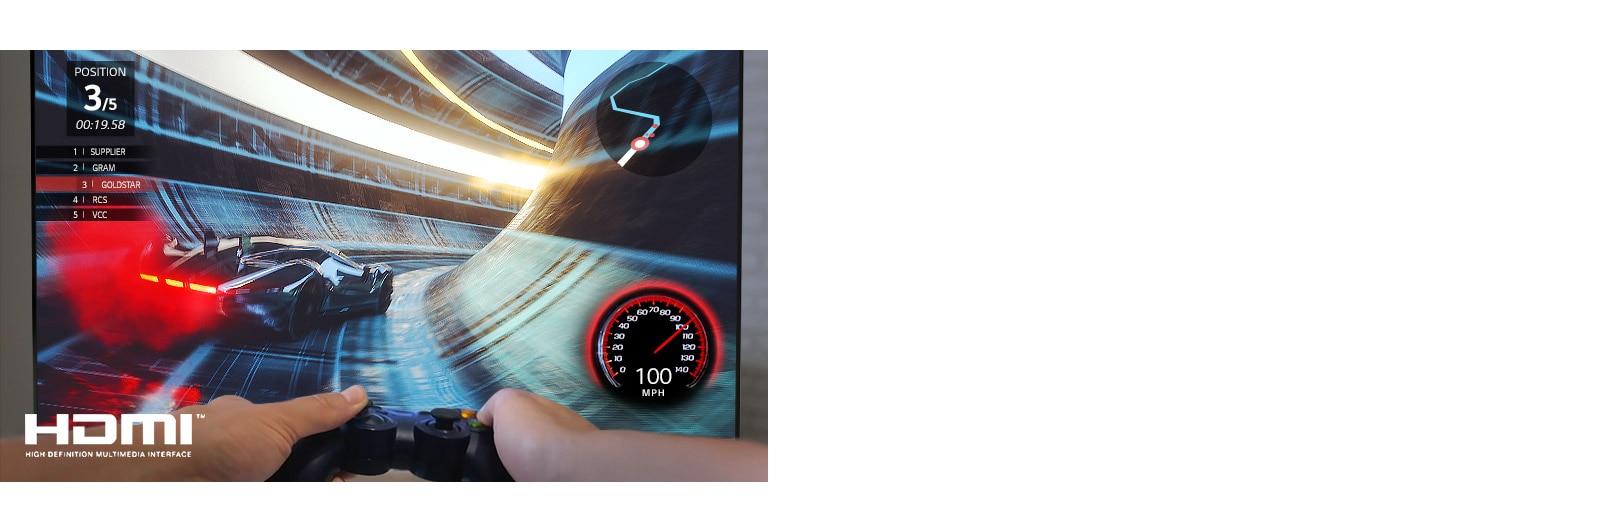 Cận cảnh một người chơi đang chơi đua xe trên màn hình TV